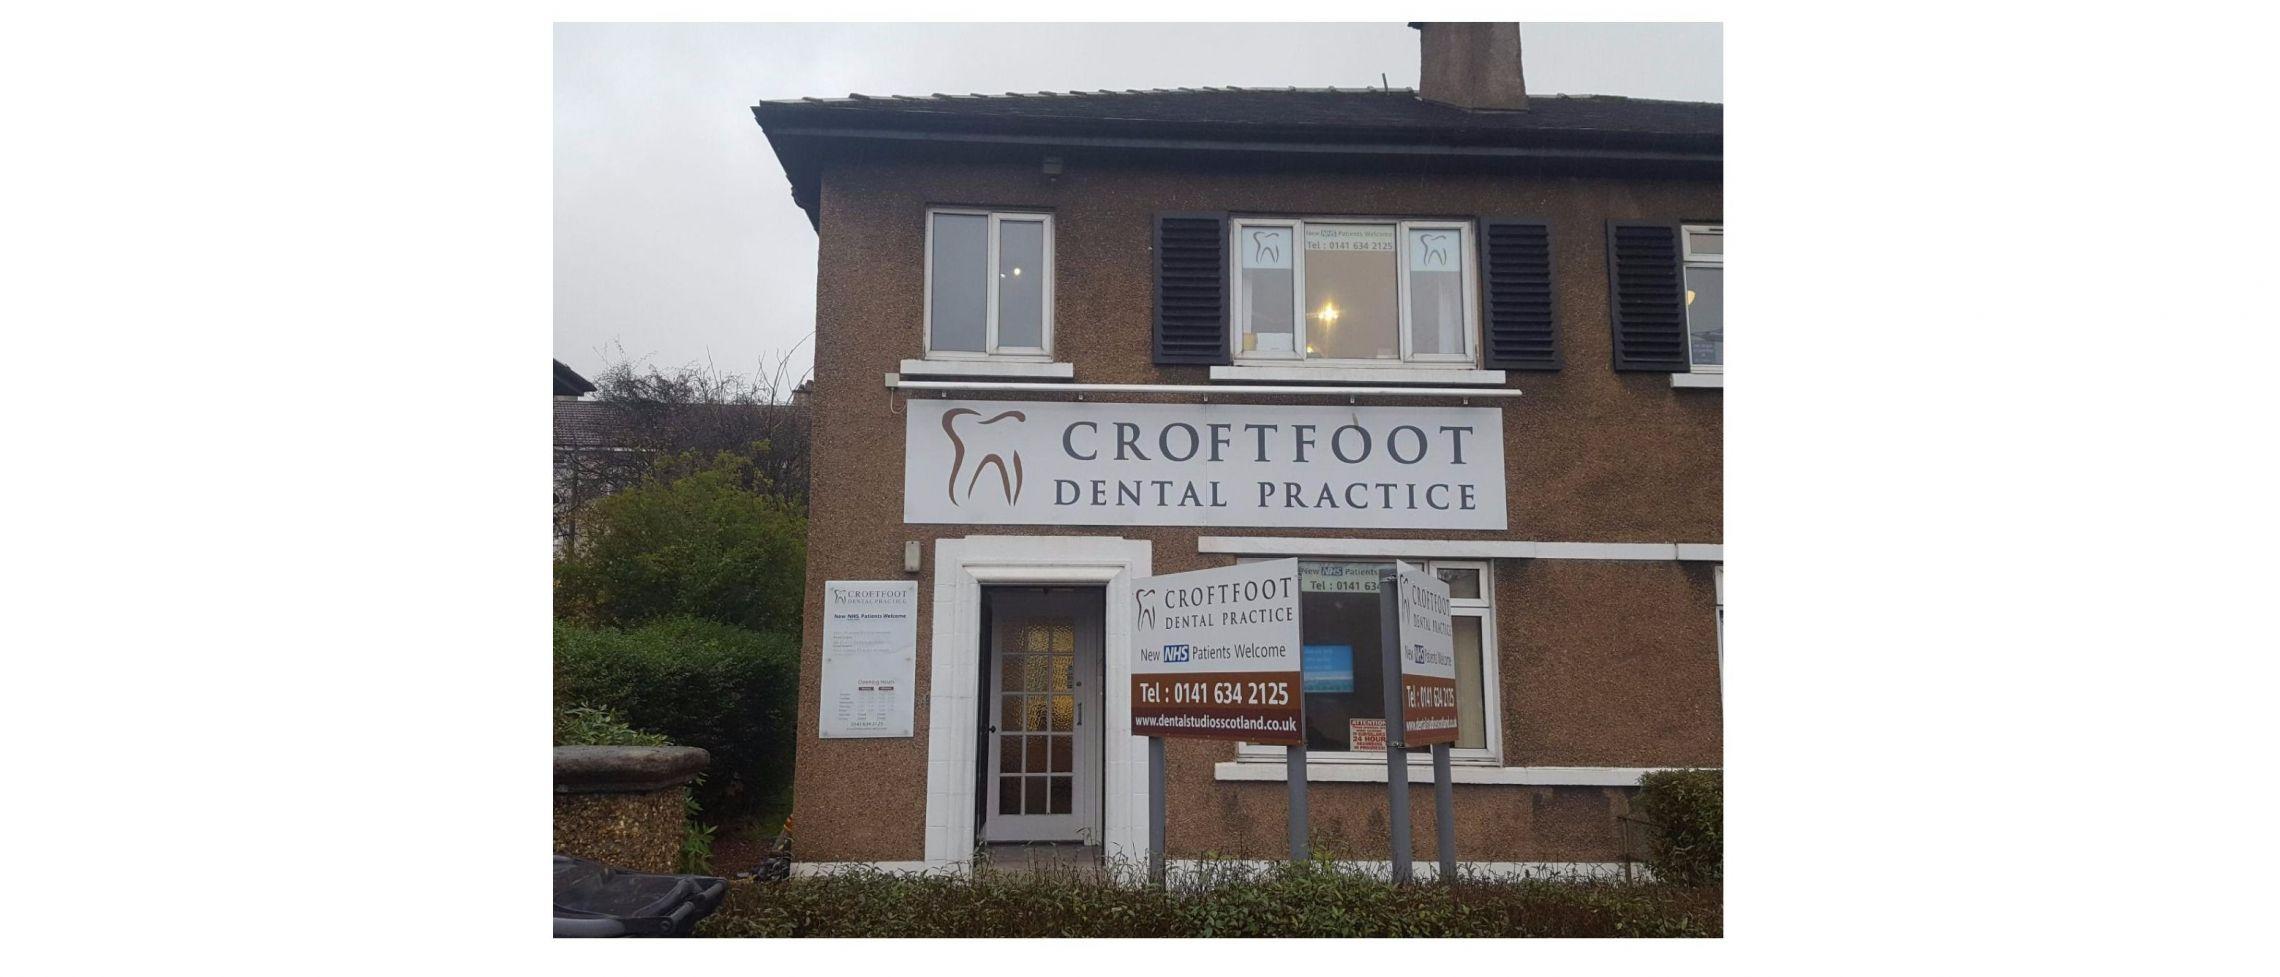 Croftfoot Dental Practice